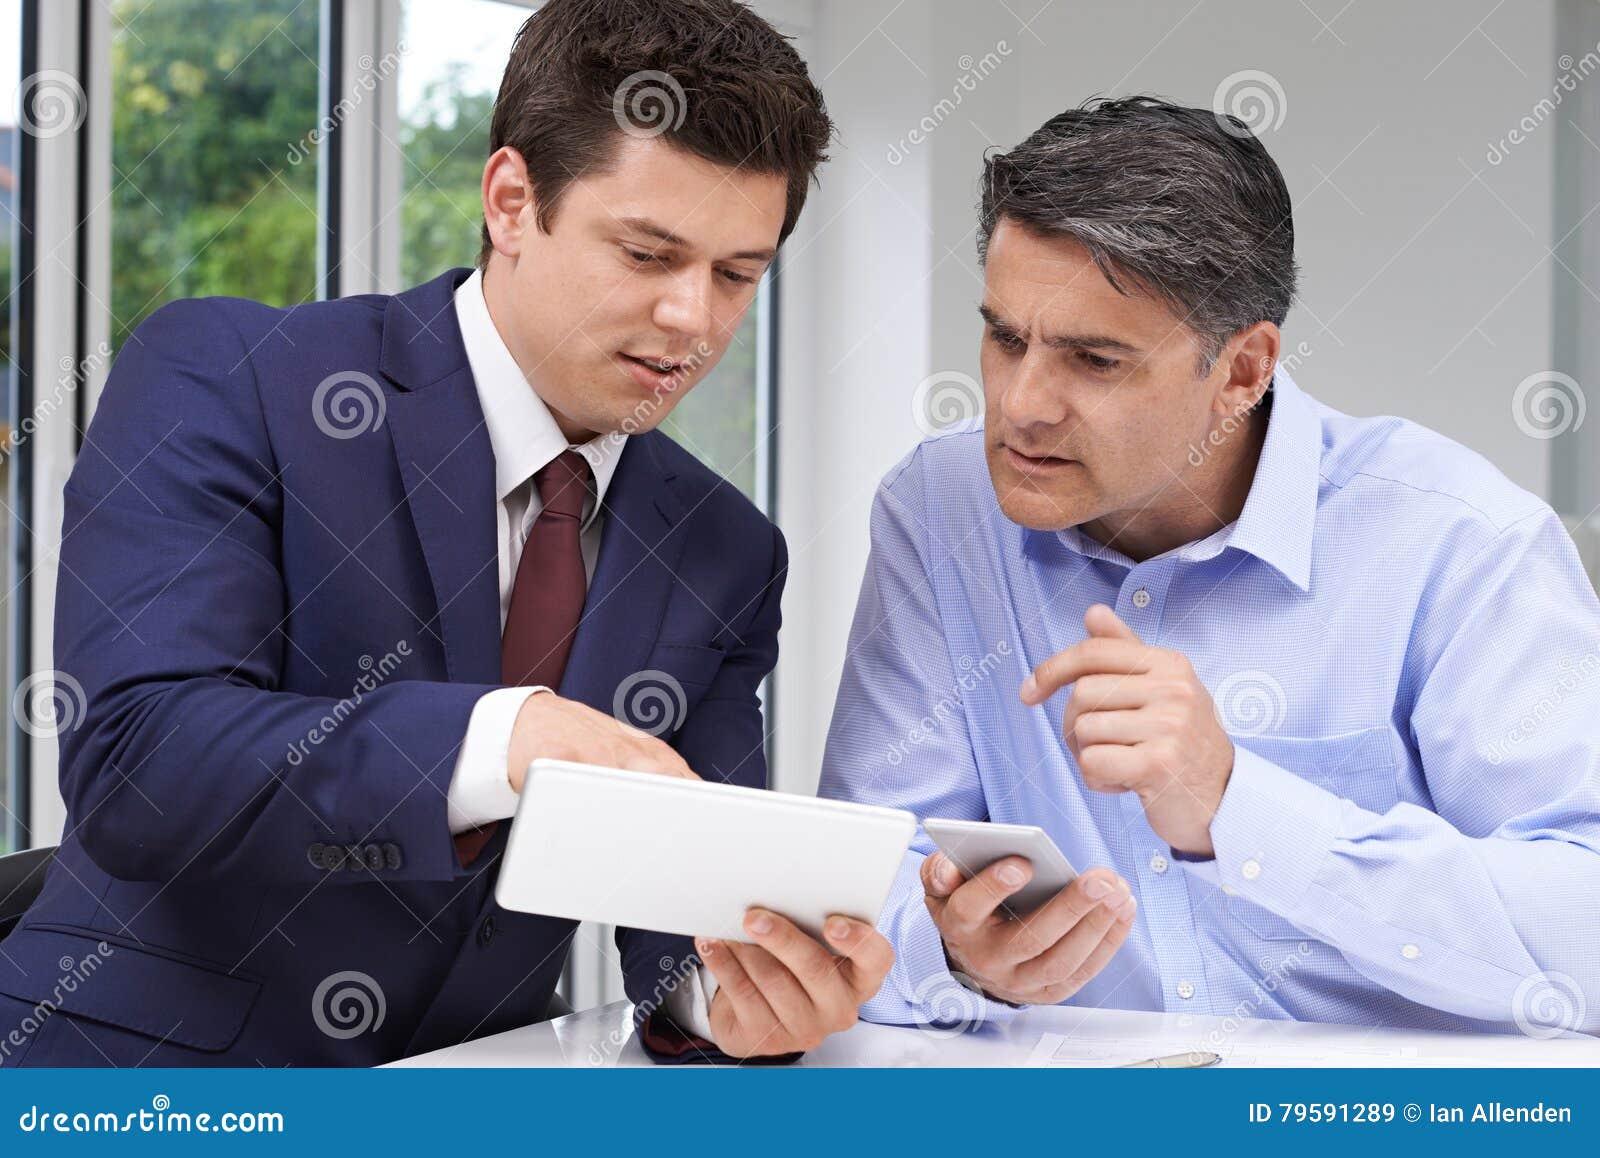 rencontre mon conseiller financiersites de branchement vraiment gratuit